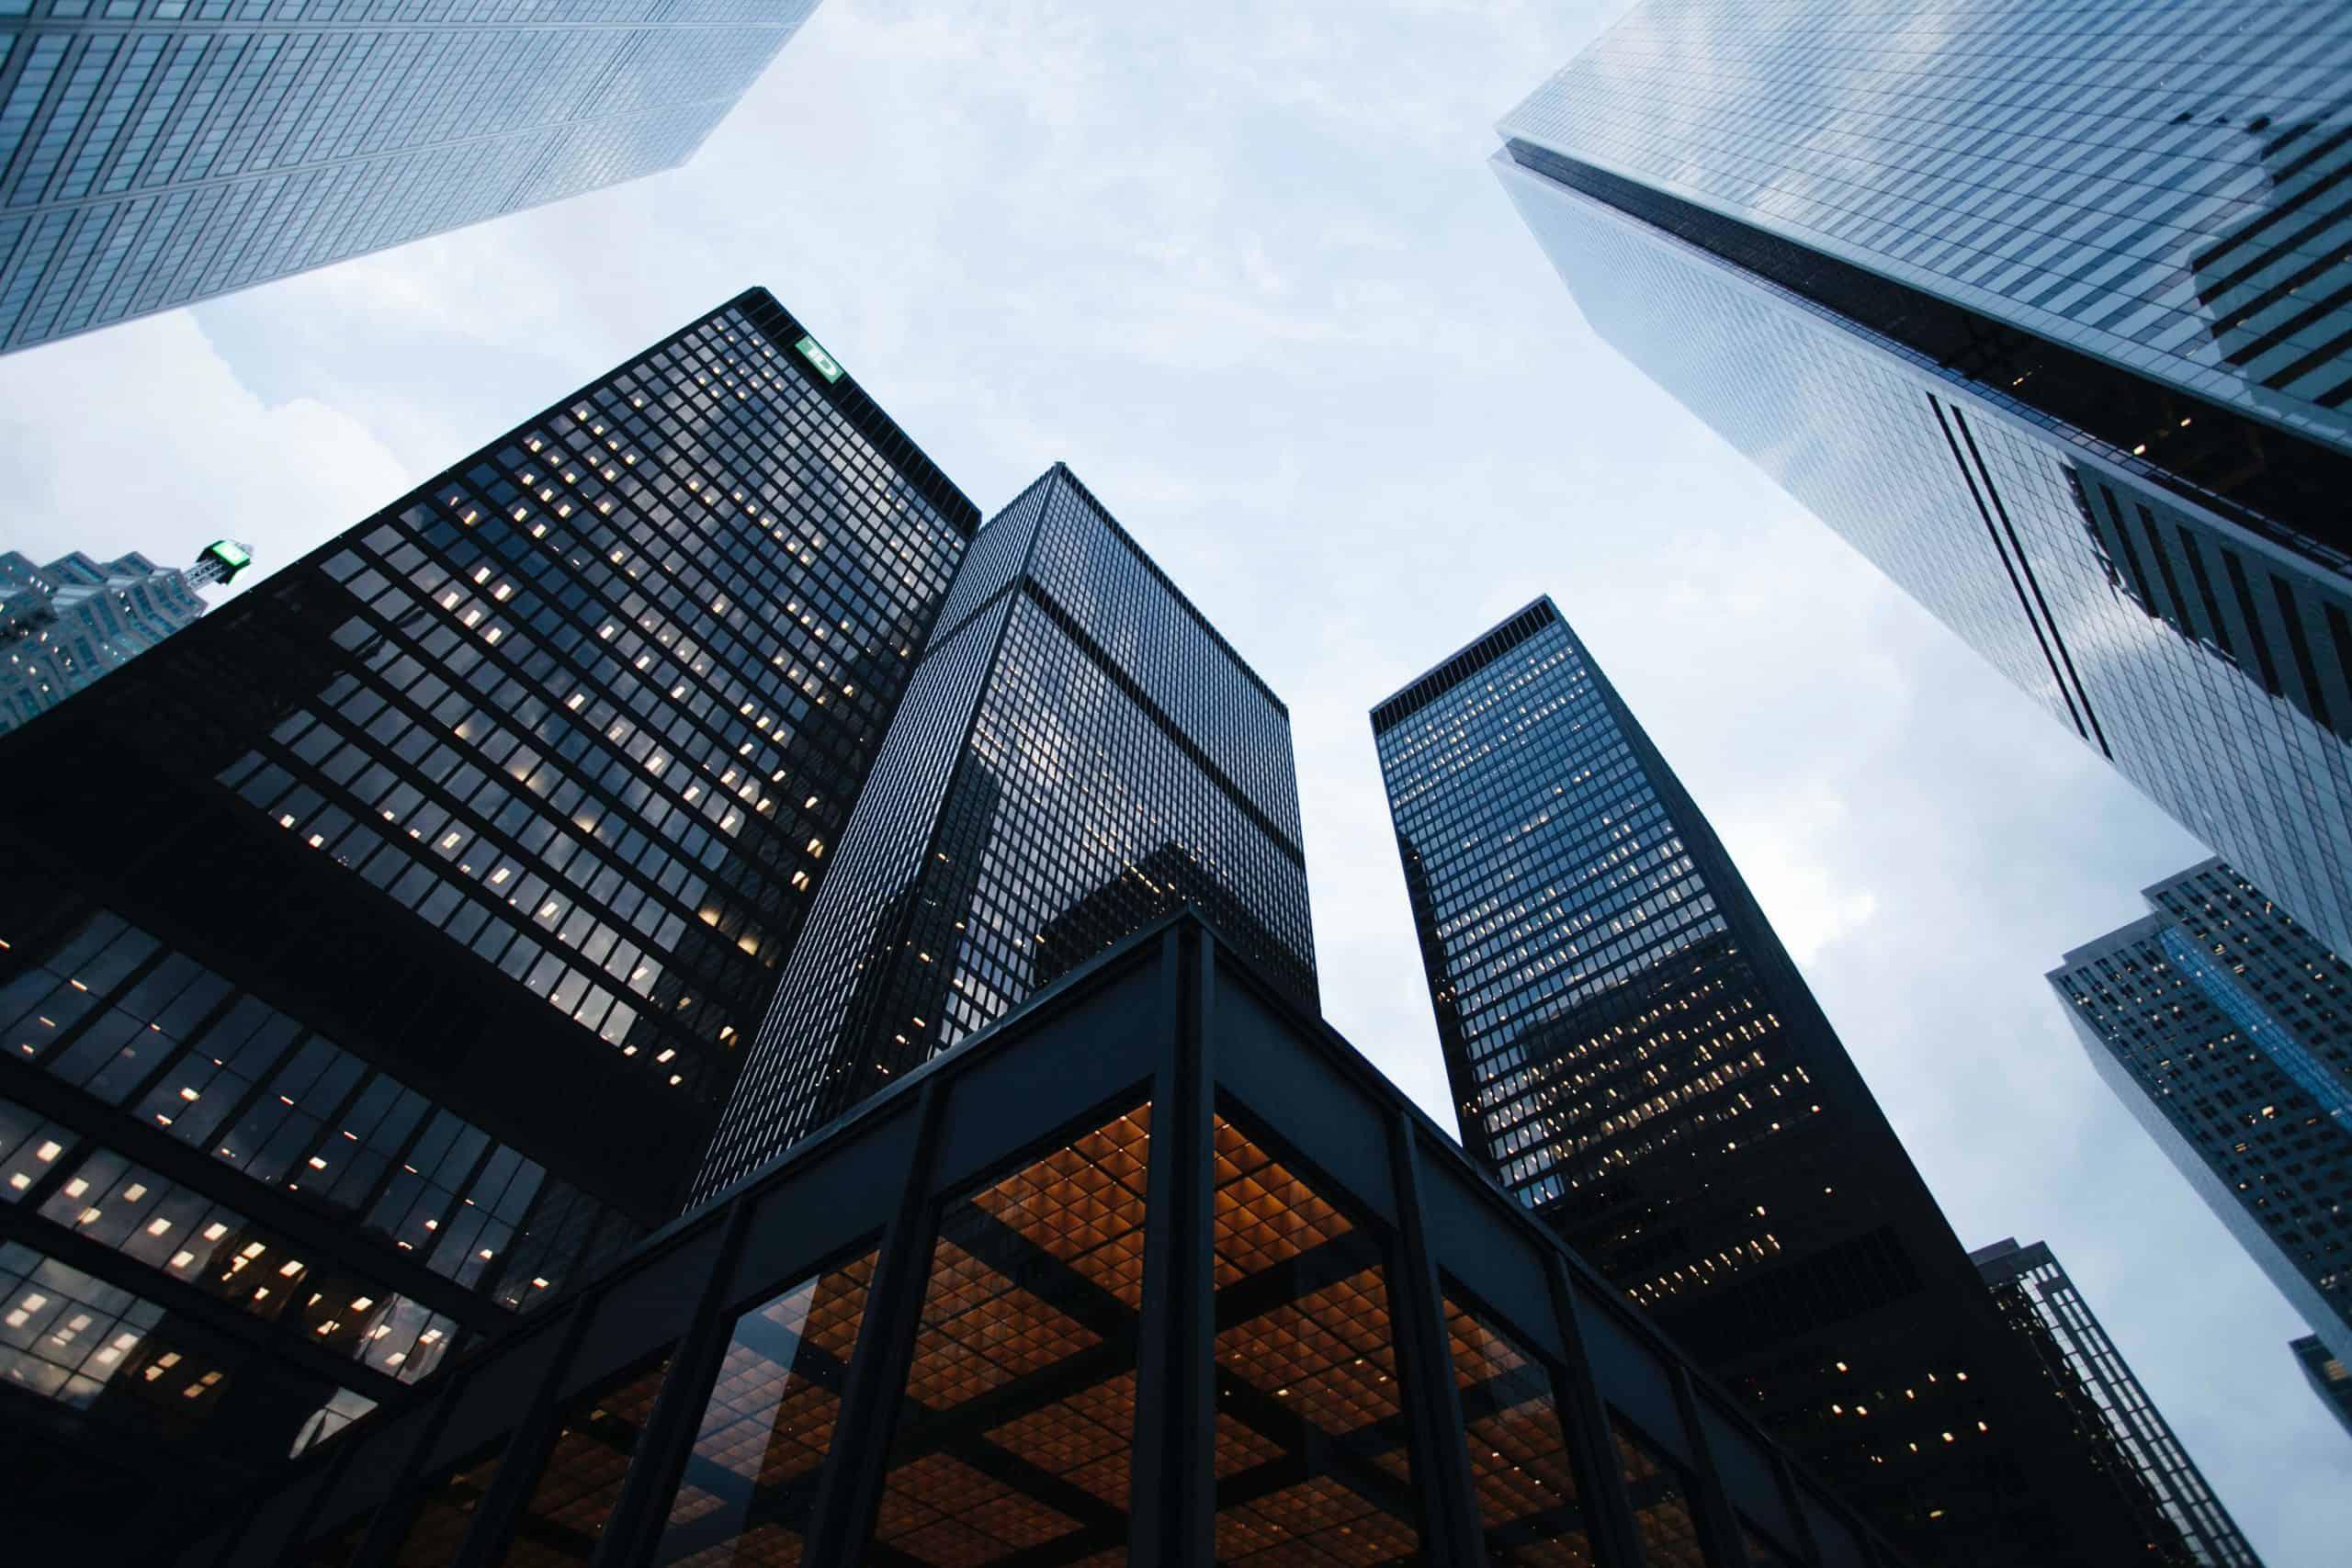 Jak rozwinąć firmę? 7 skutecznych sposobów